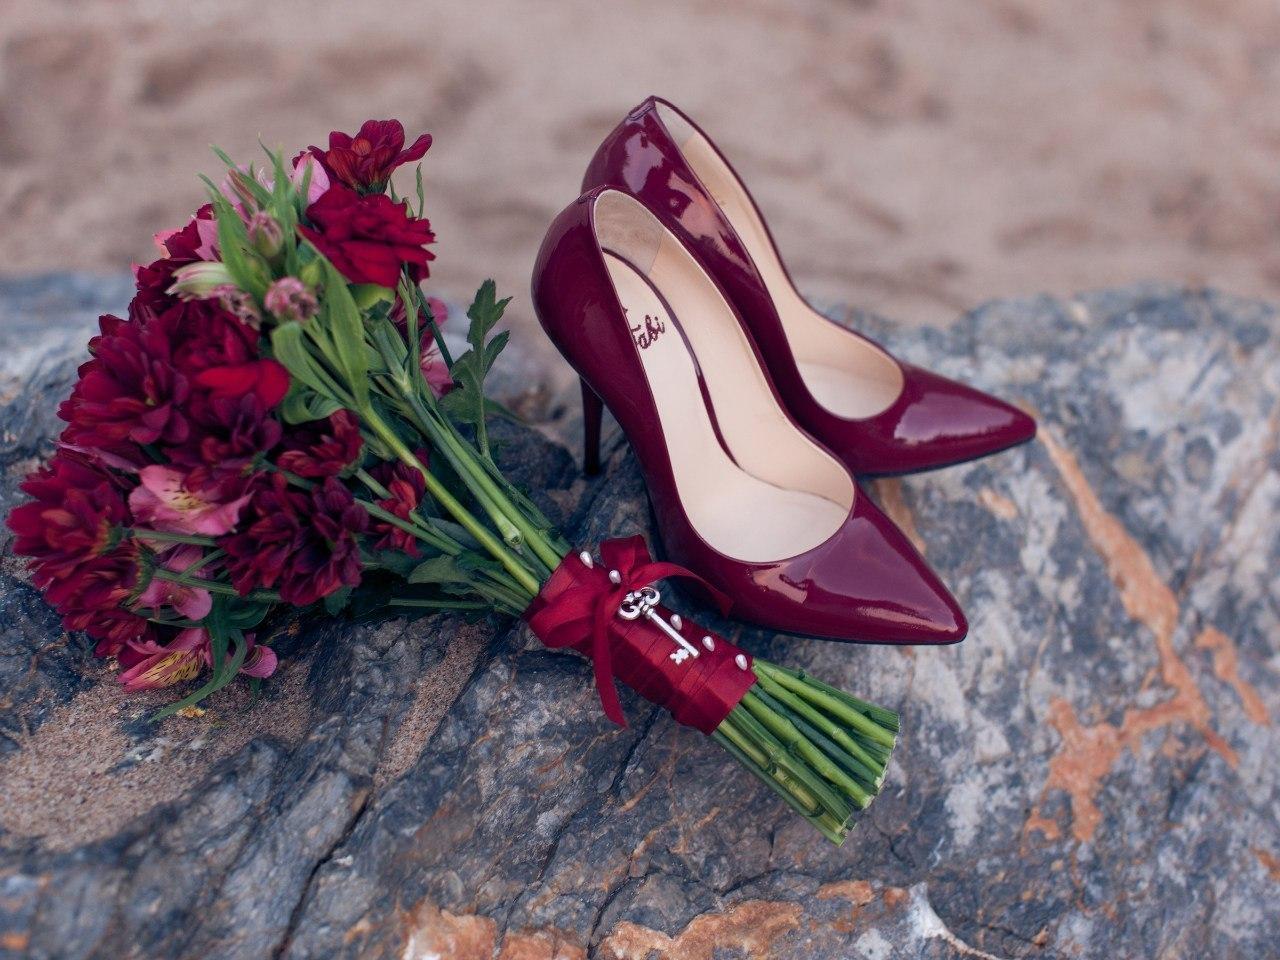 С чем носить бордовые туфли? Что такое бордо и как его носят